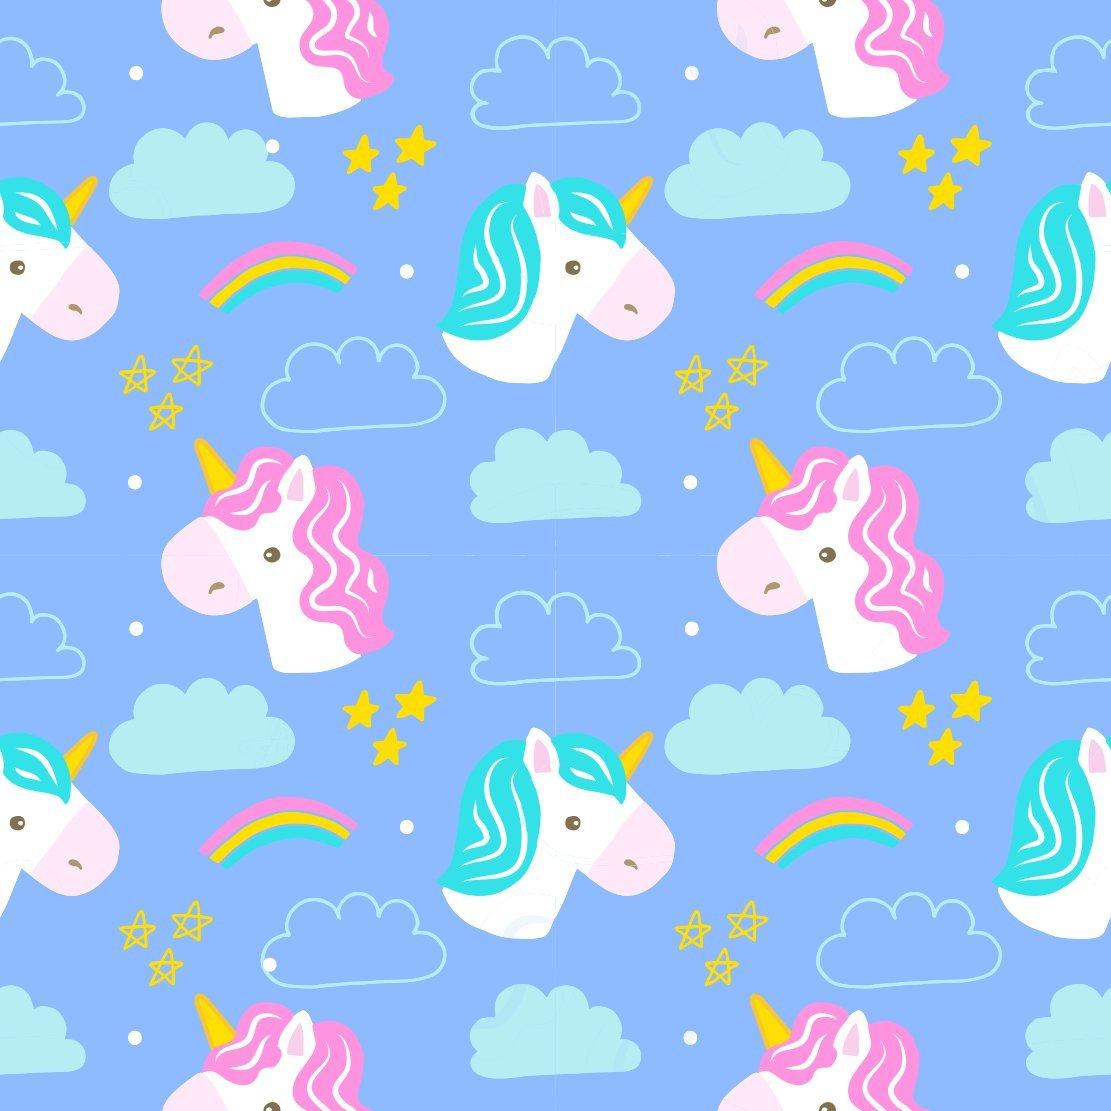 Papel de parede unicornio infantil